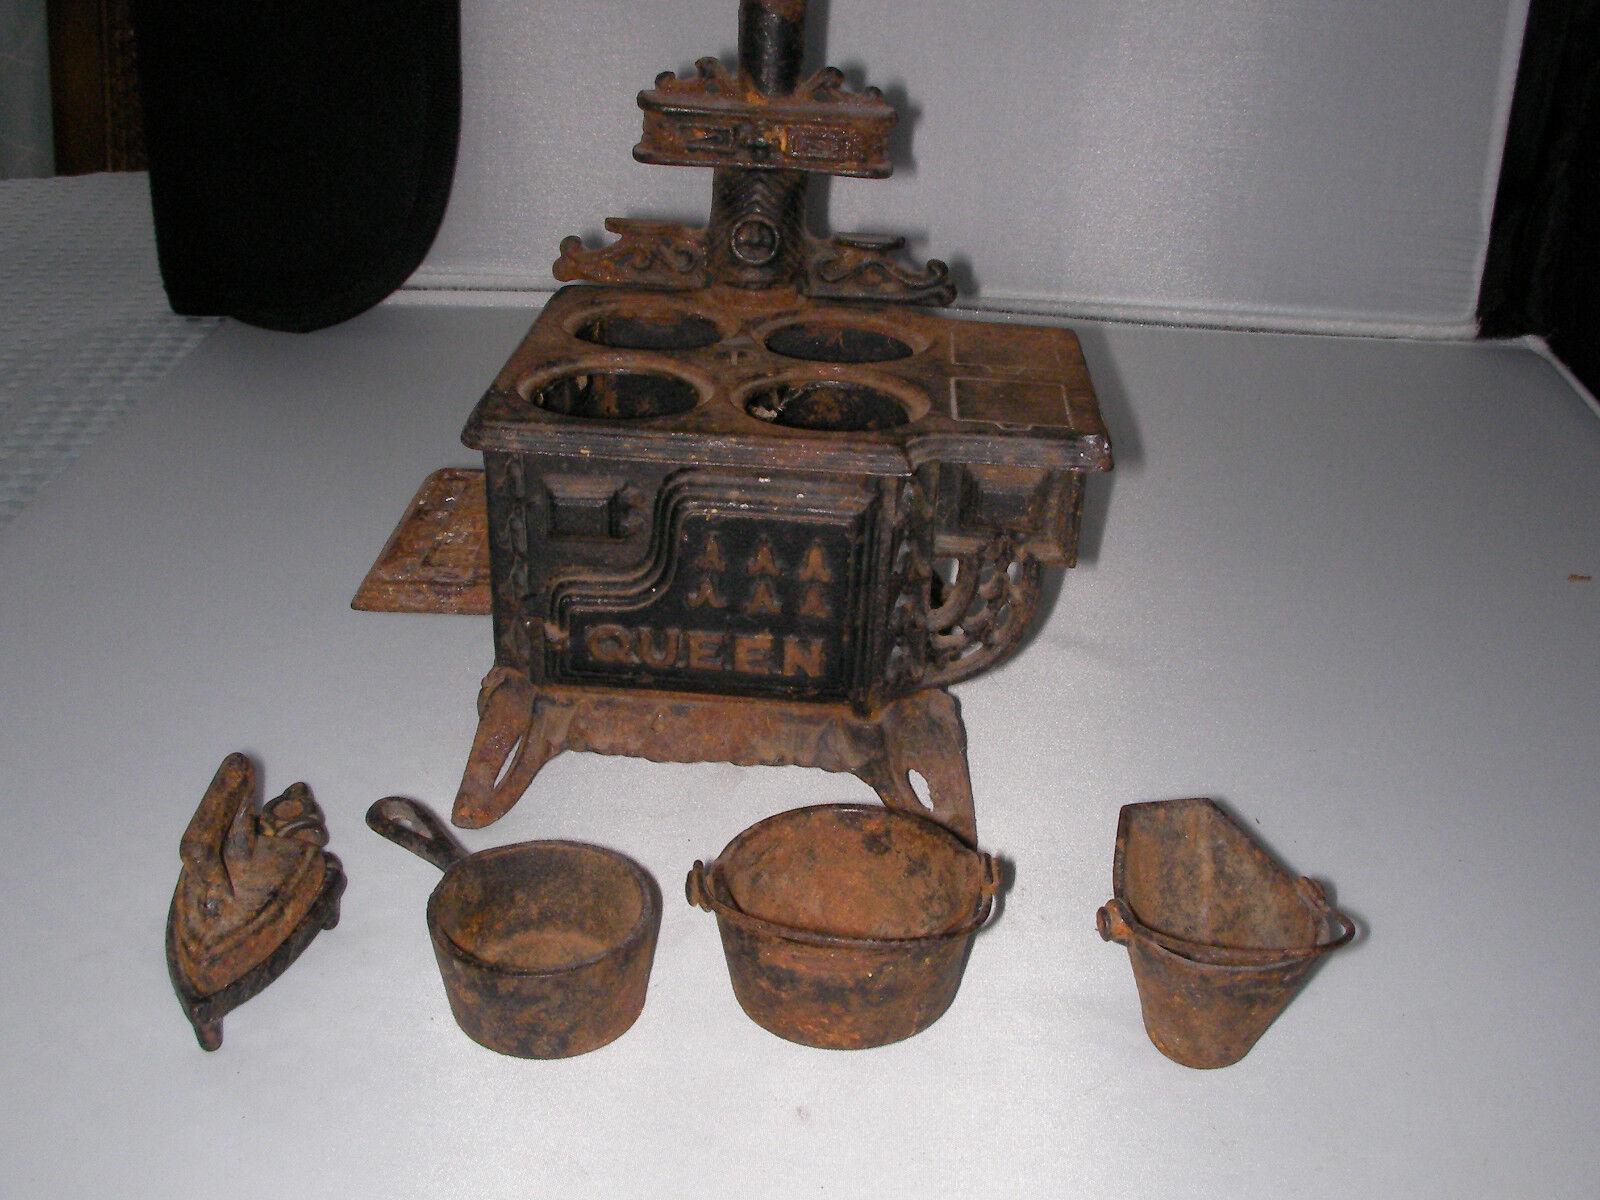 Antique Cast Iron Kitchen coal burning Stove pots pans trivet salesman sample